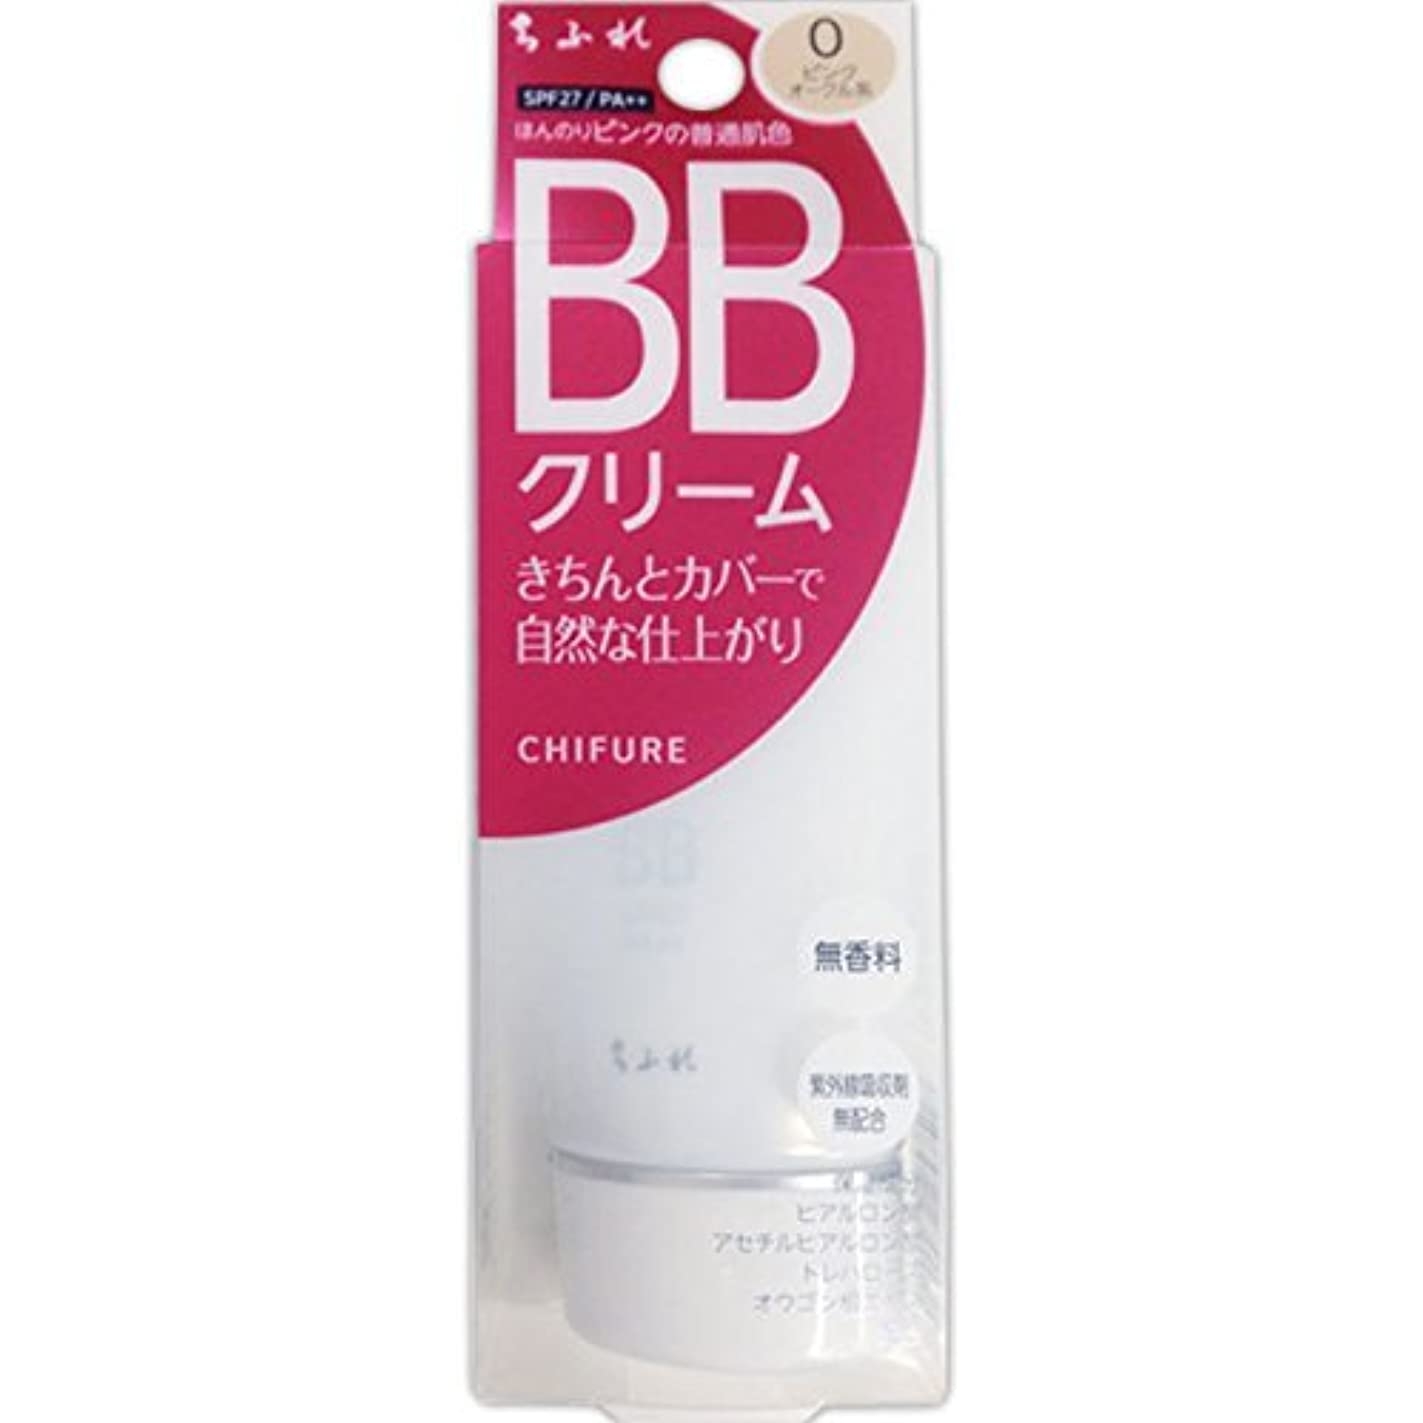 打撃別々にスナップちふれ化粧品 BB クリーム ほんのりピンクの普通肌色 0